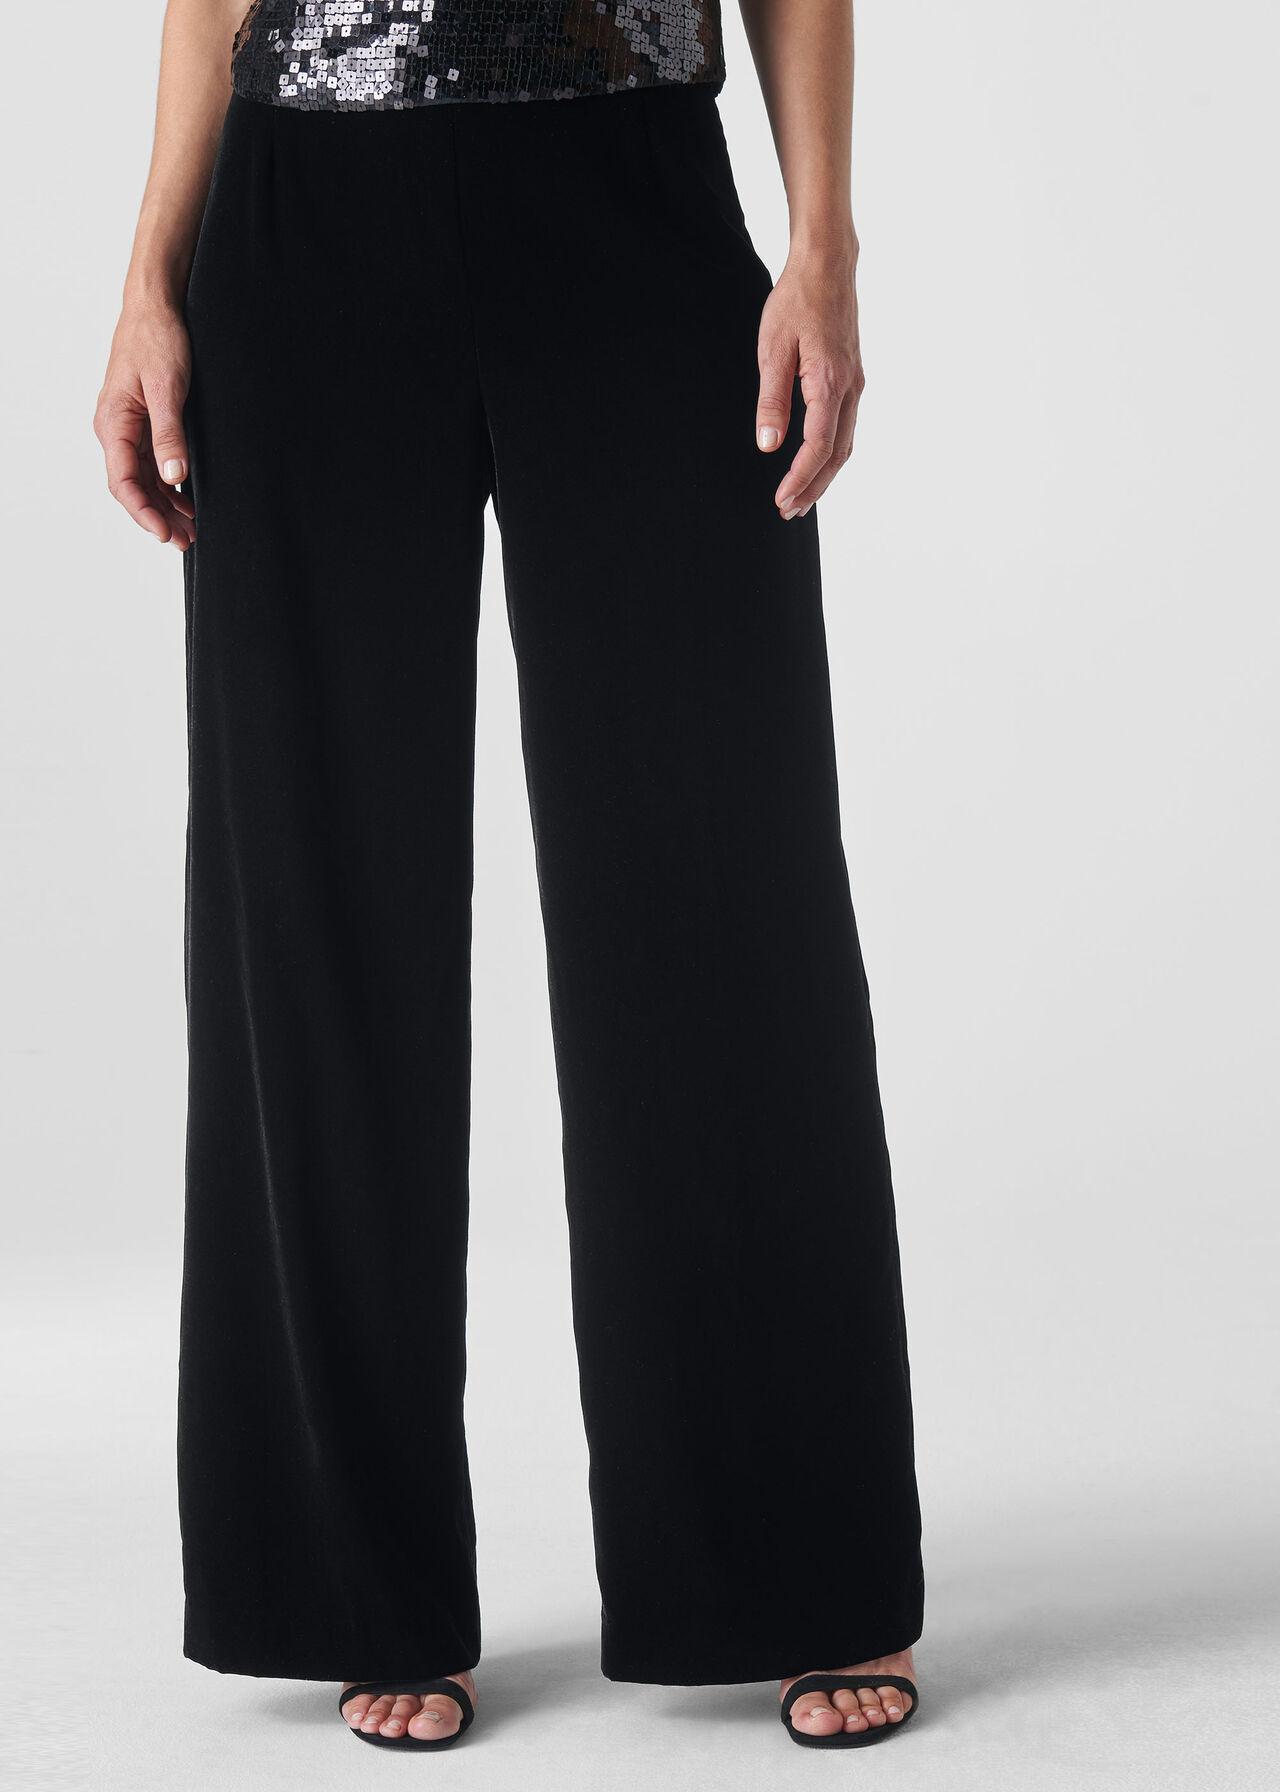 Velvet Wide Leg Trouser Black